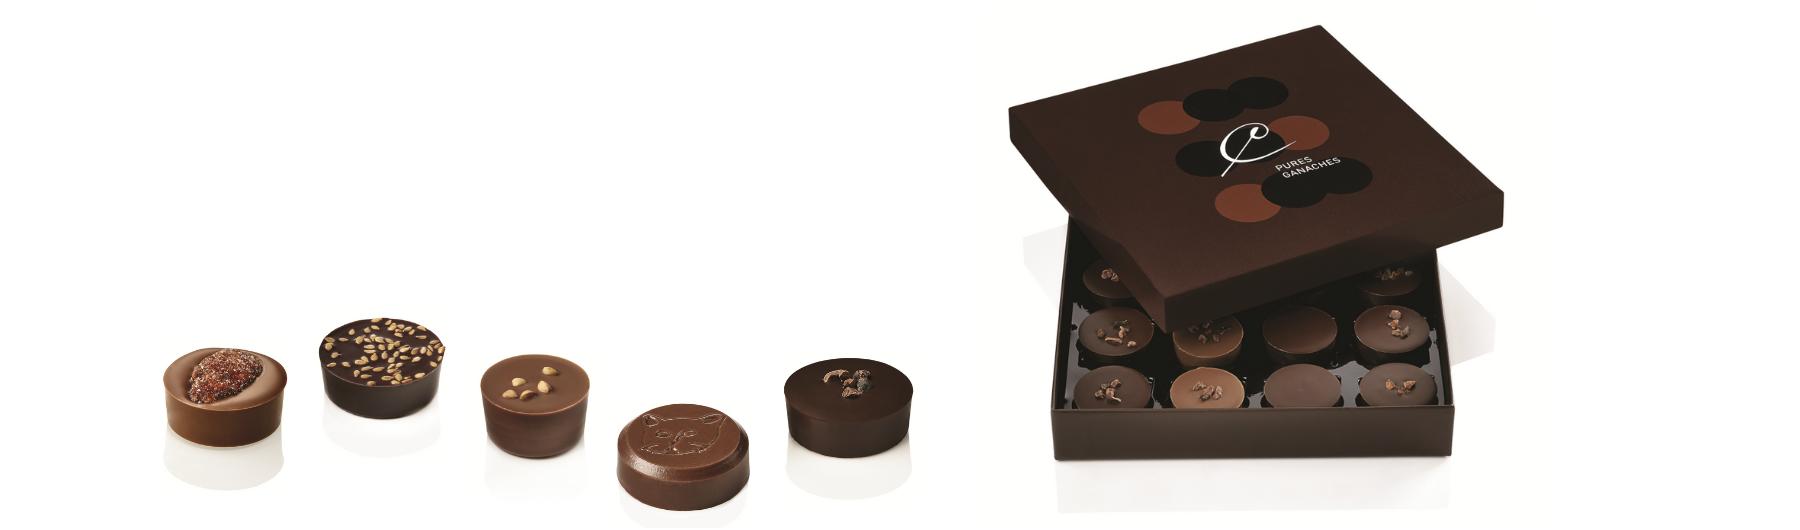 Maison Caffet - de délicieux chocolats